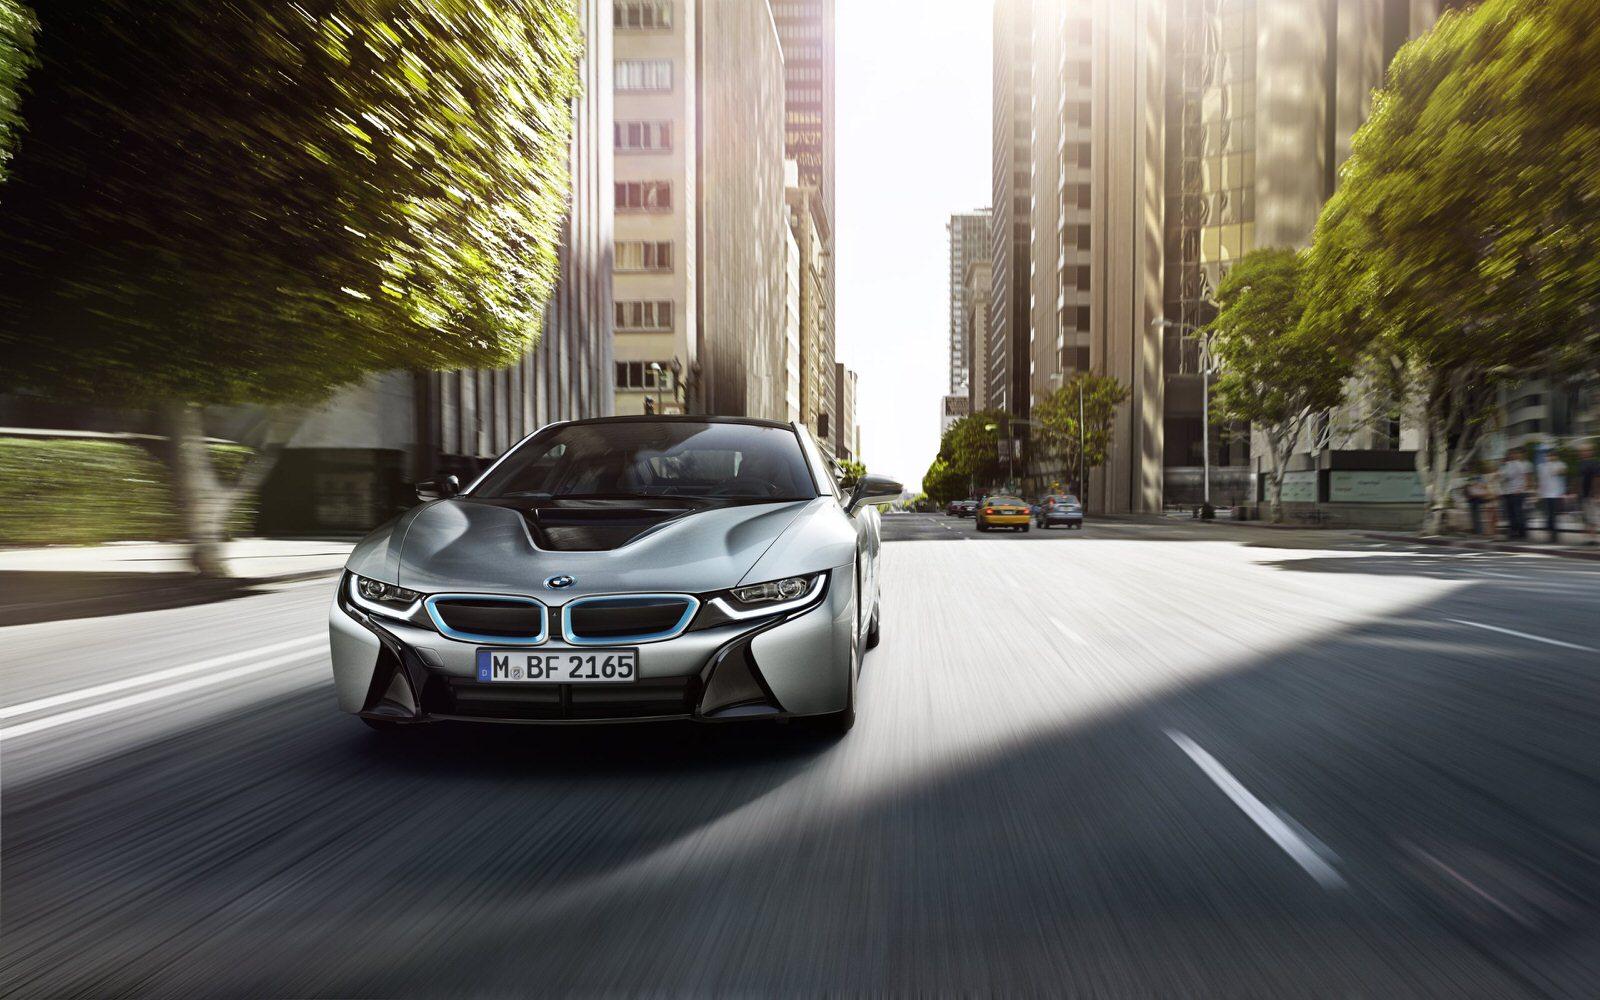 Auto elettriche e ibride: dal 2019 obbligate a fare rumore